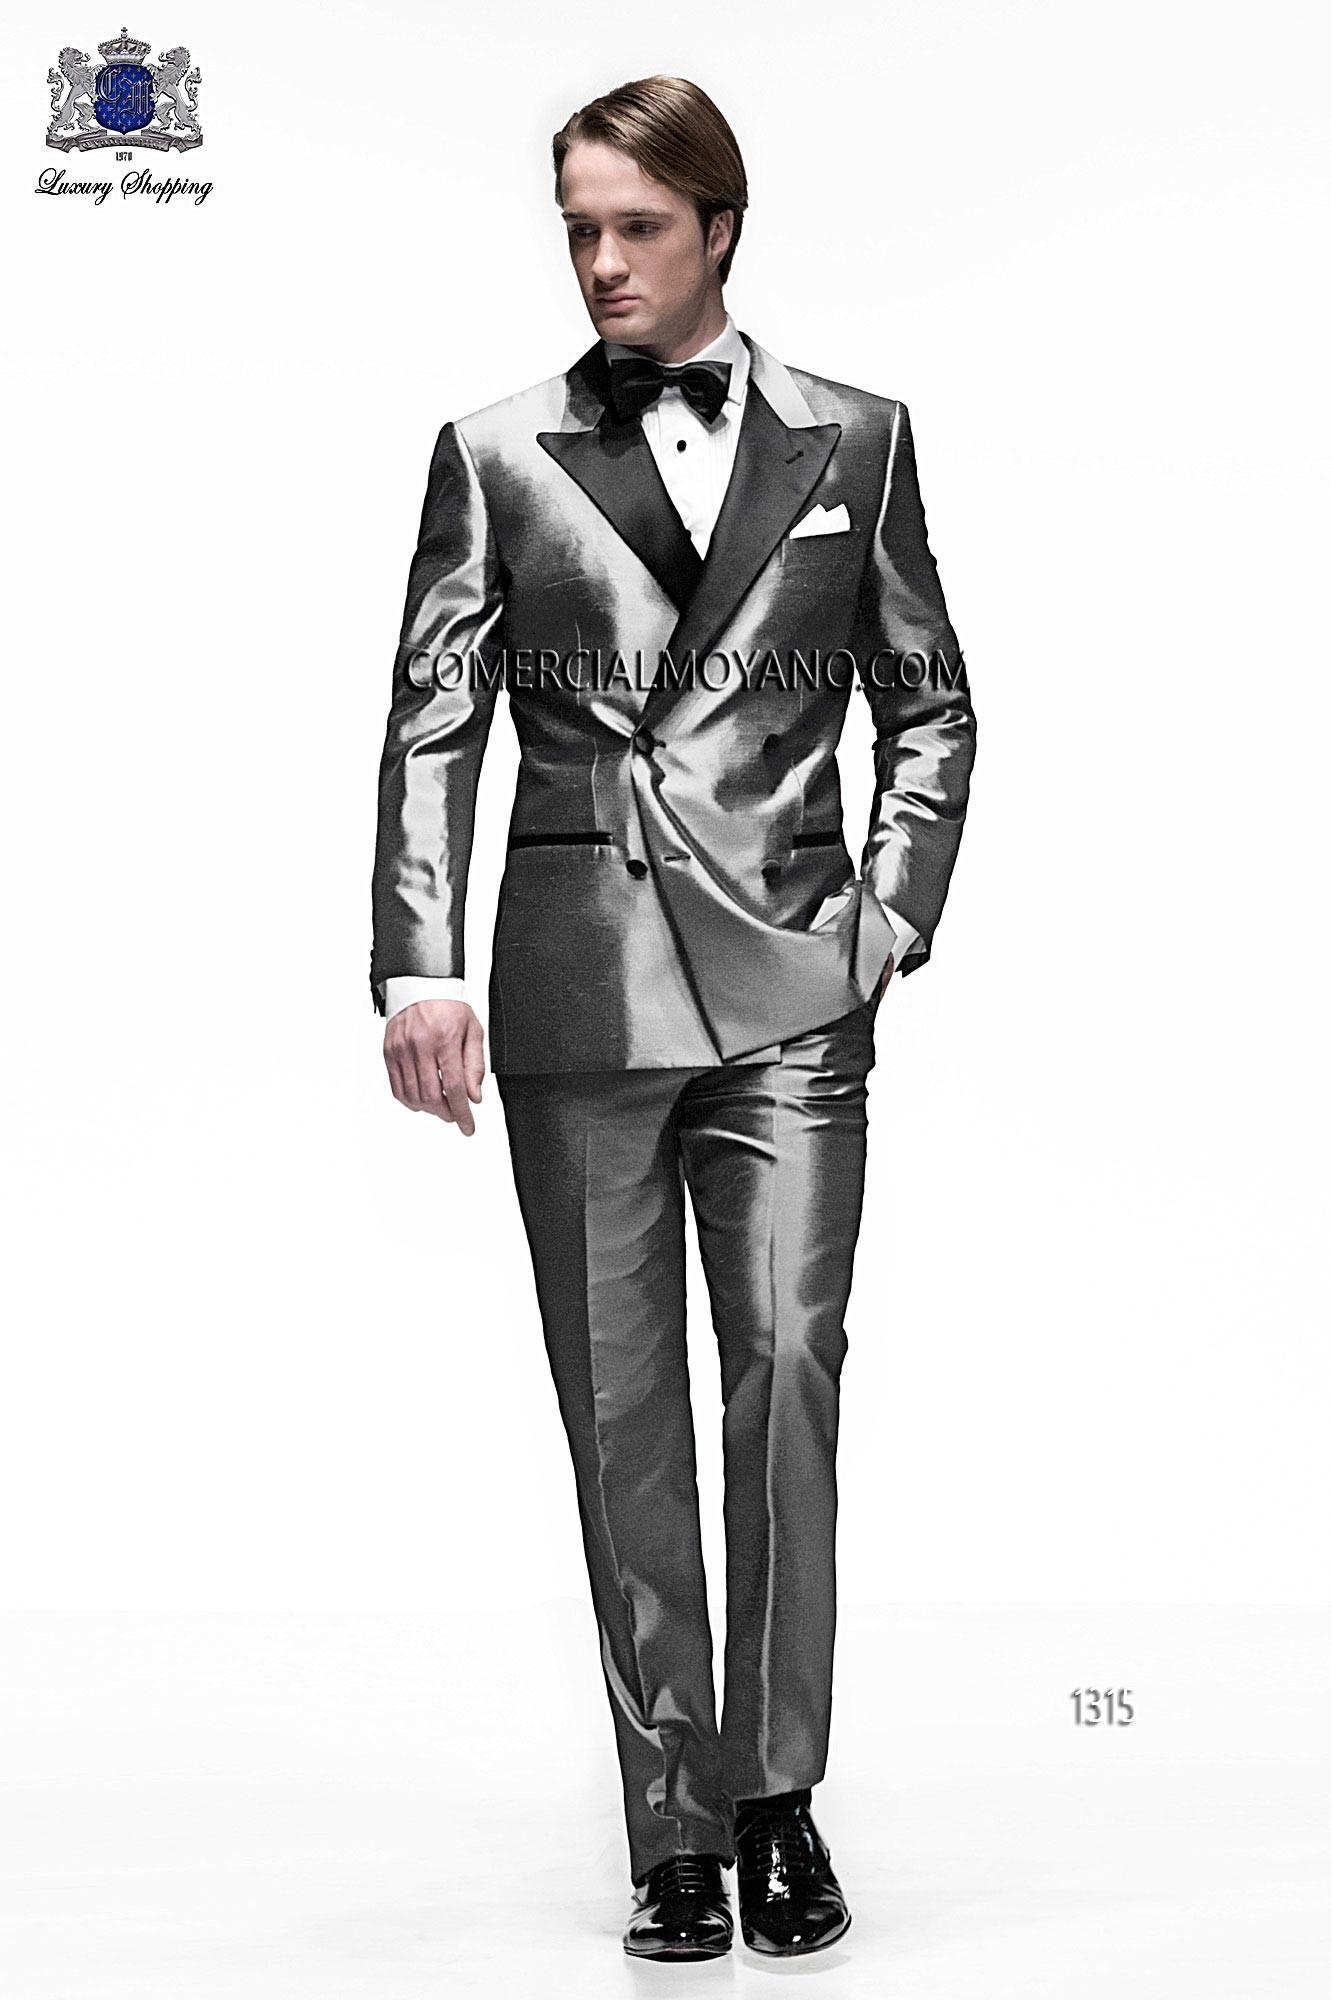 Traje de fiesta hombre gris modelo: 1315 Ottavio Nuccio Gala colección Black Tie